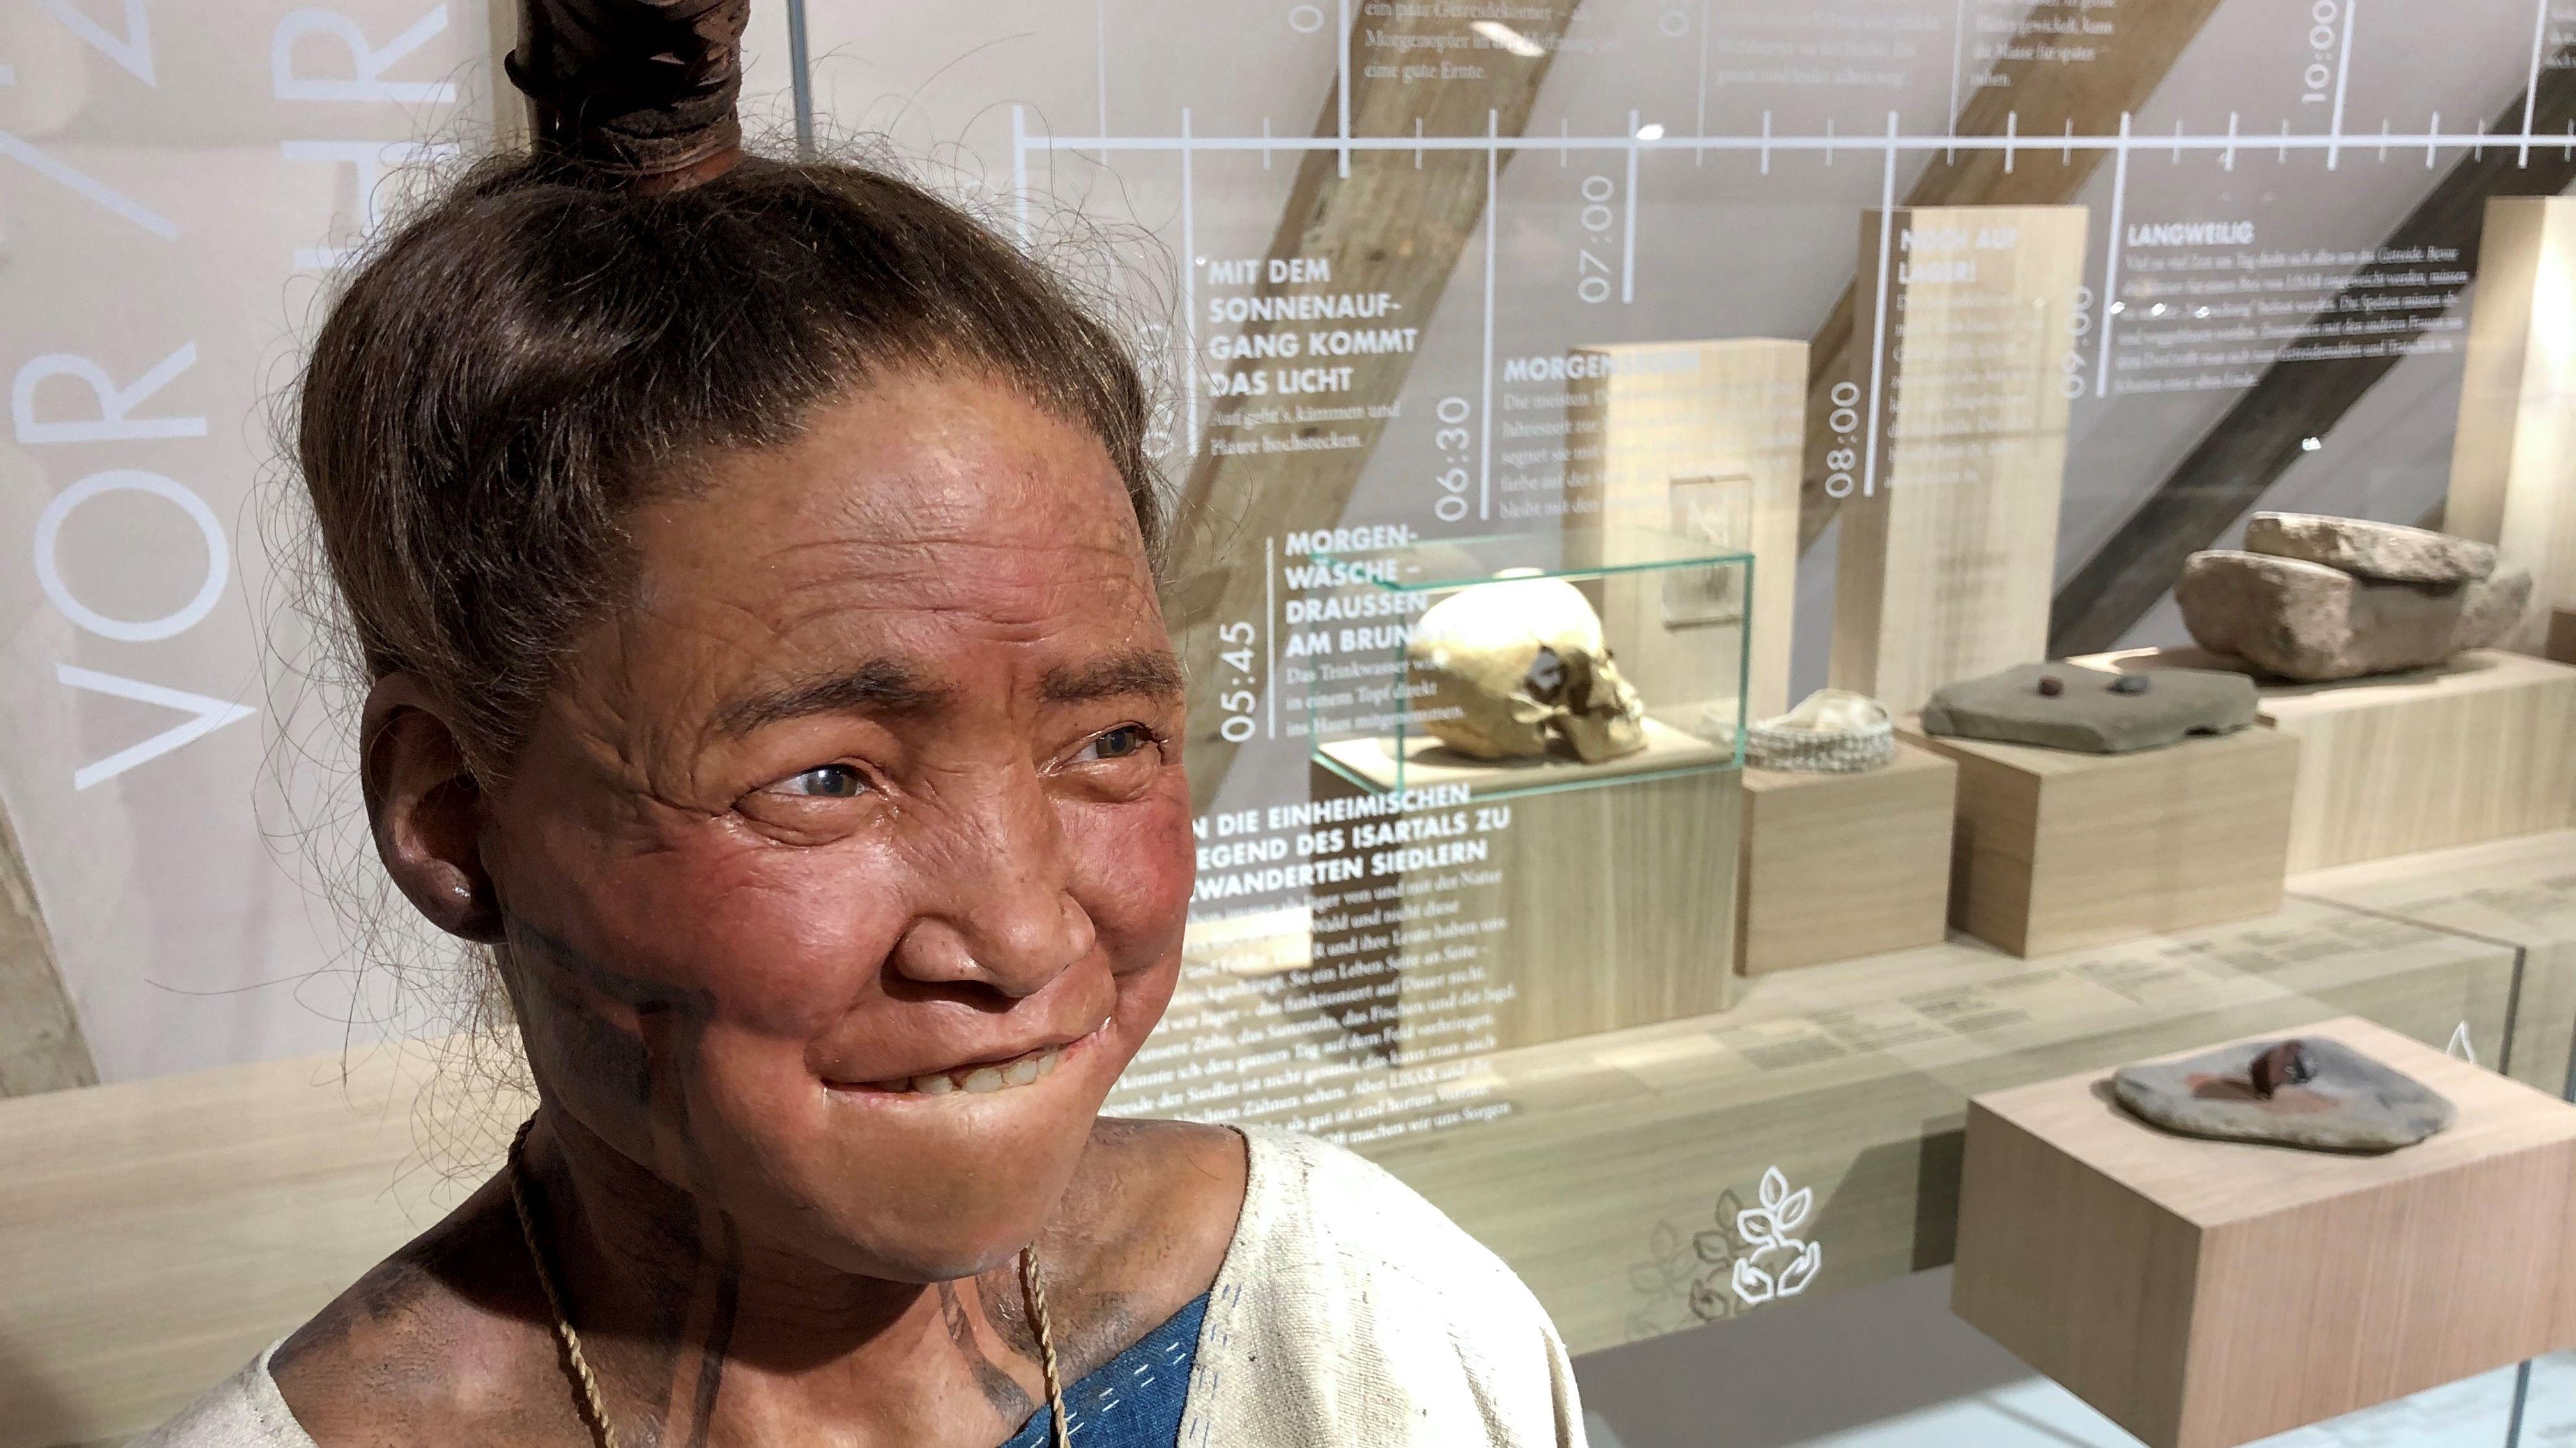 Lisar, eine lebensecht und in Originalgröße nachgebildete Steinzeitfrau